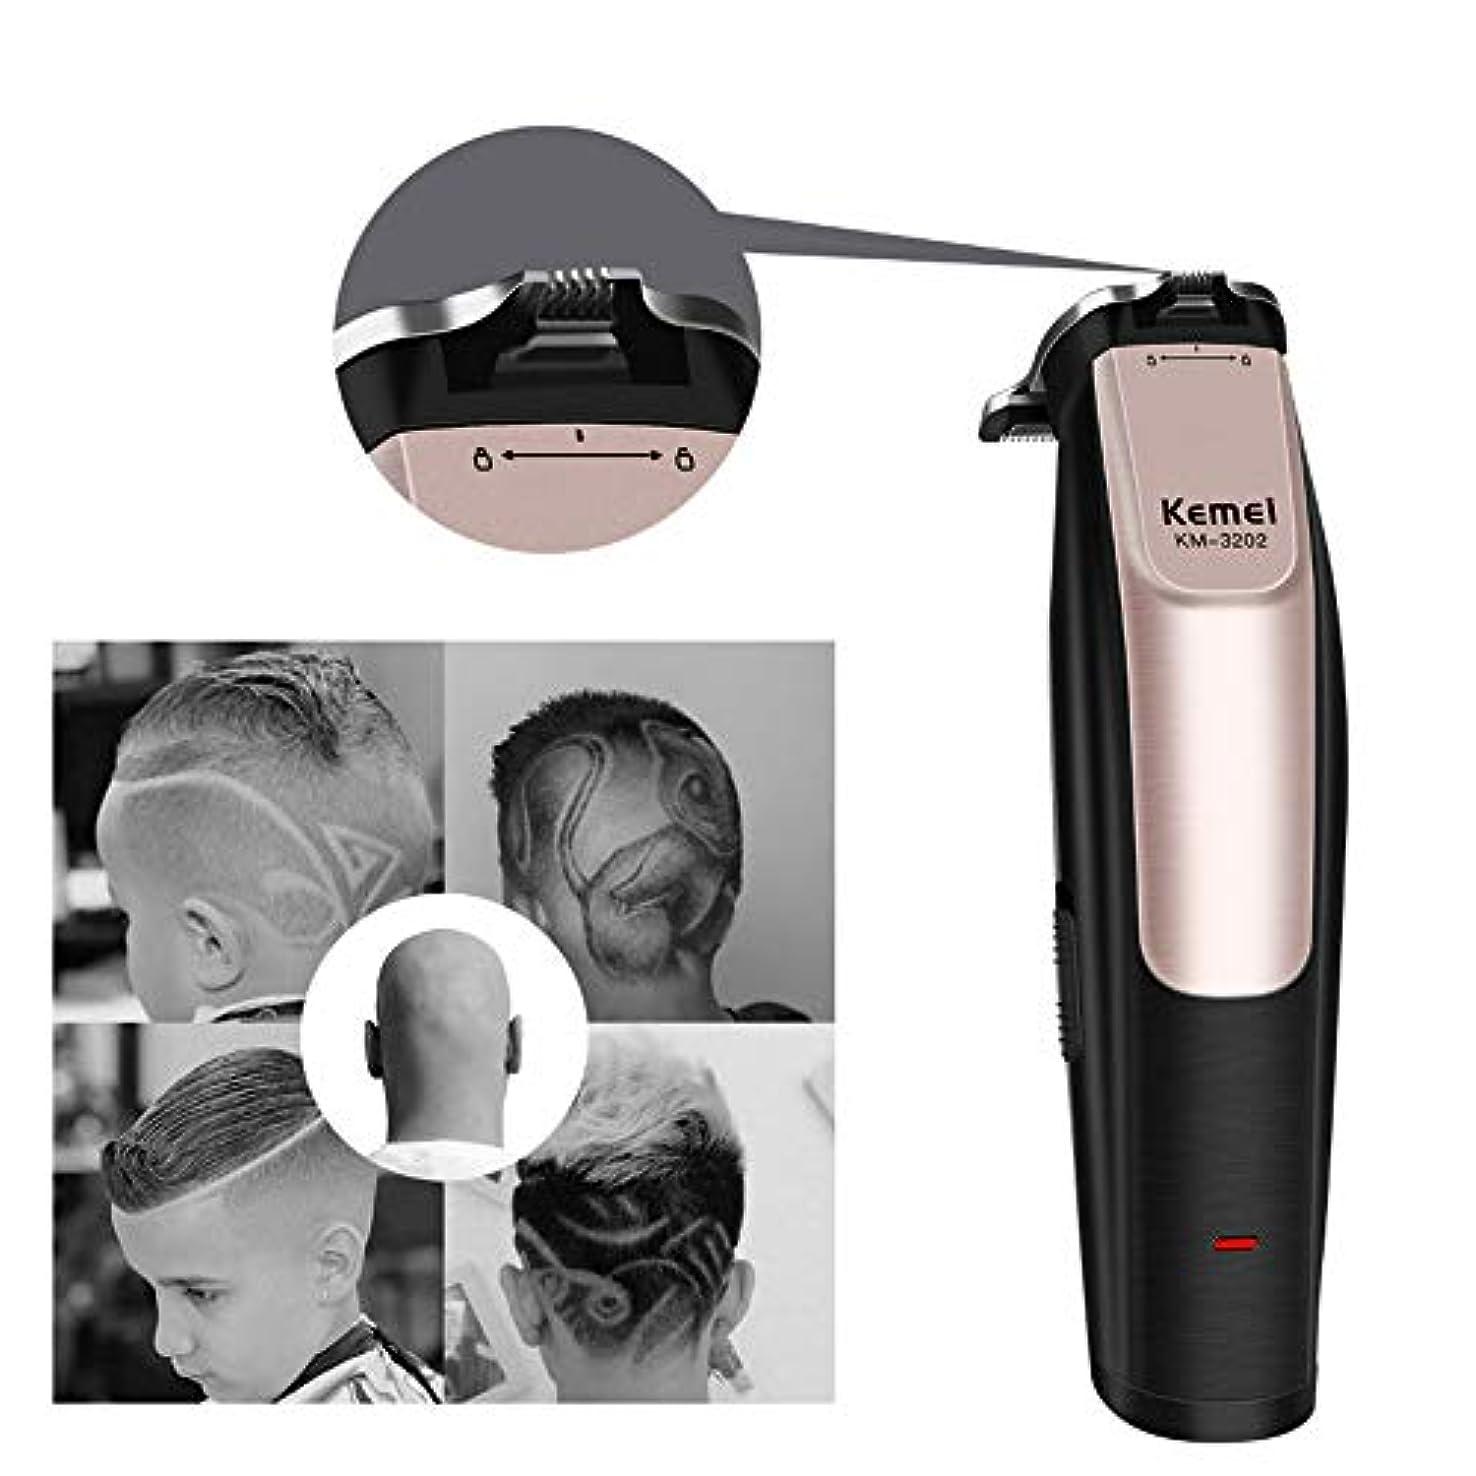 とまり木俳優ブラストバリカンは、0mmのBaldheadedヘアートリマーUSB充電式彫刻は男性の髪のカッティングマシンの精度でバリカンをカービング